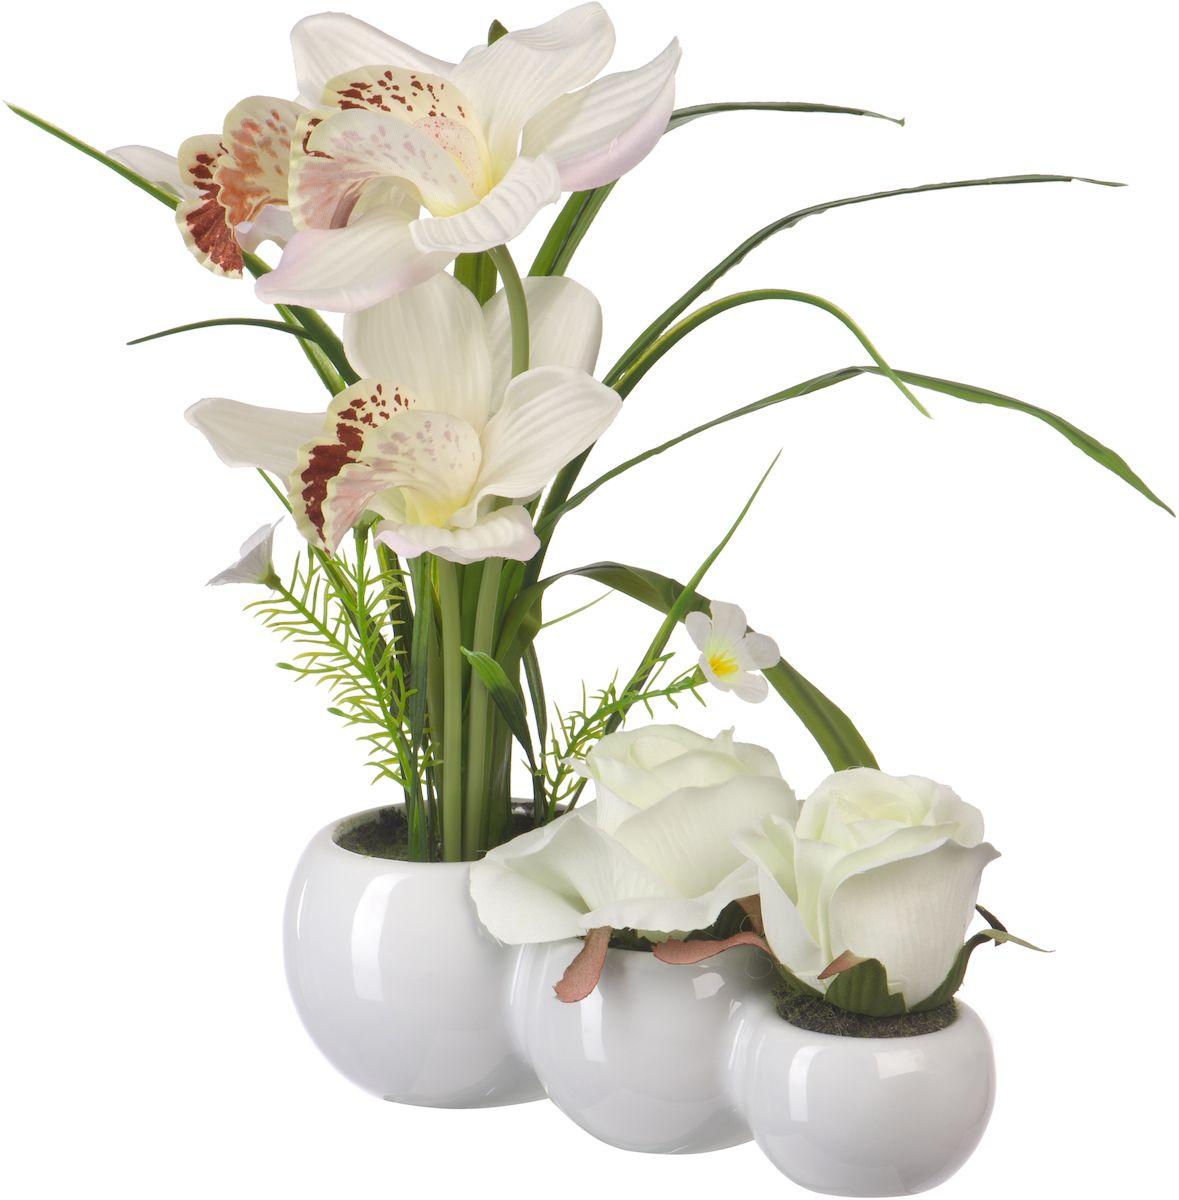 Цветы декоративные Engard Орхидея и роза, в кашпо, 23 х 7 х 30 смYW-30Цветочные композиции Engard - это уникальное дизайнерское решение для создания природного колорита и гармонии в пространстве. Композиция из белой орхидеи и роз выполнена из высококачественного материала, передающего неповторимую естественность и является достойной альтернативой живым цветам. Не требует постоянного ухода. Высота: 30 см.